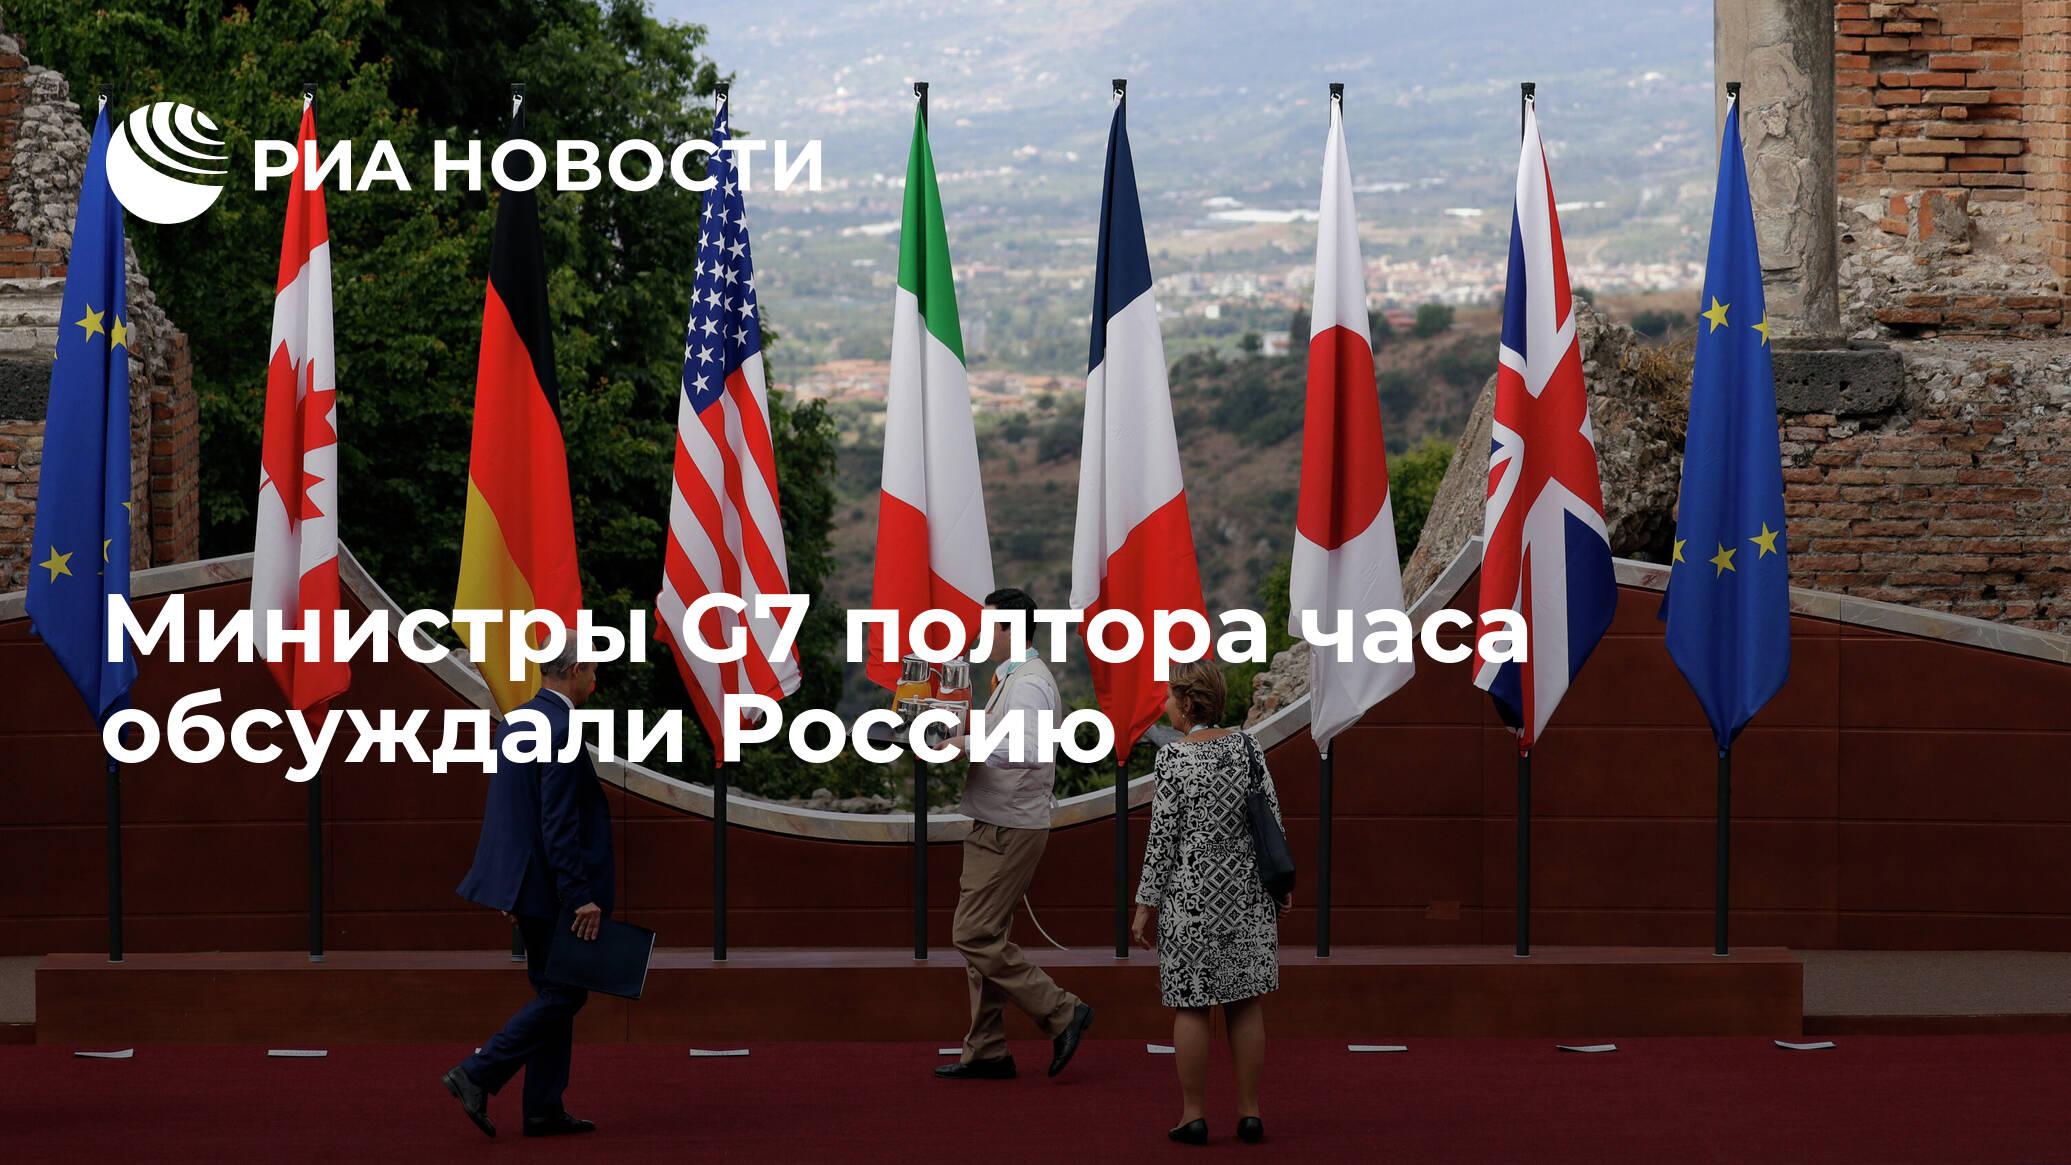 Министры G7 полтора часа обсуждали Россию